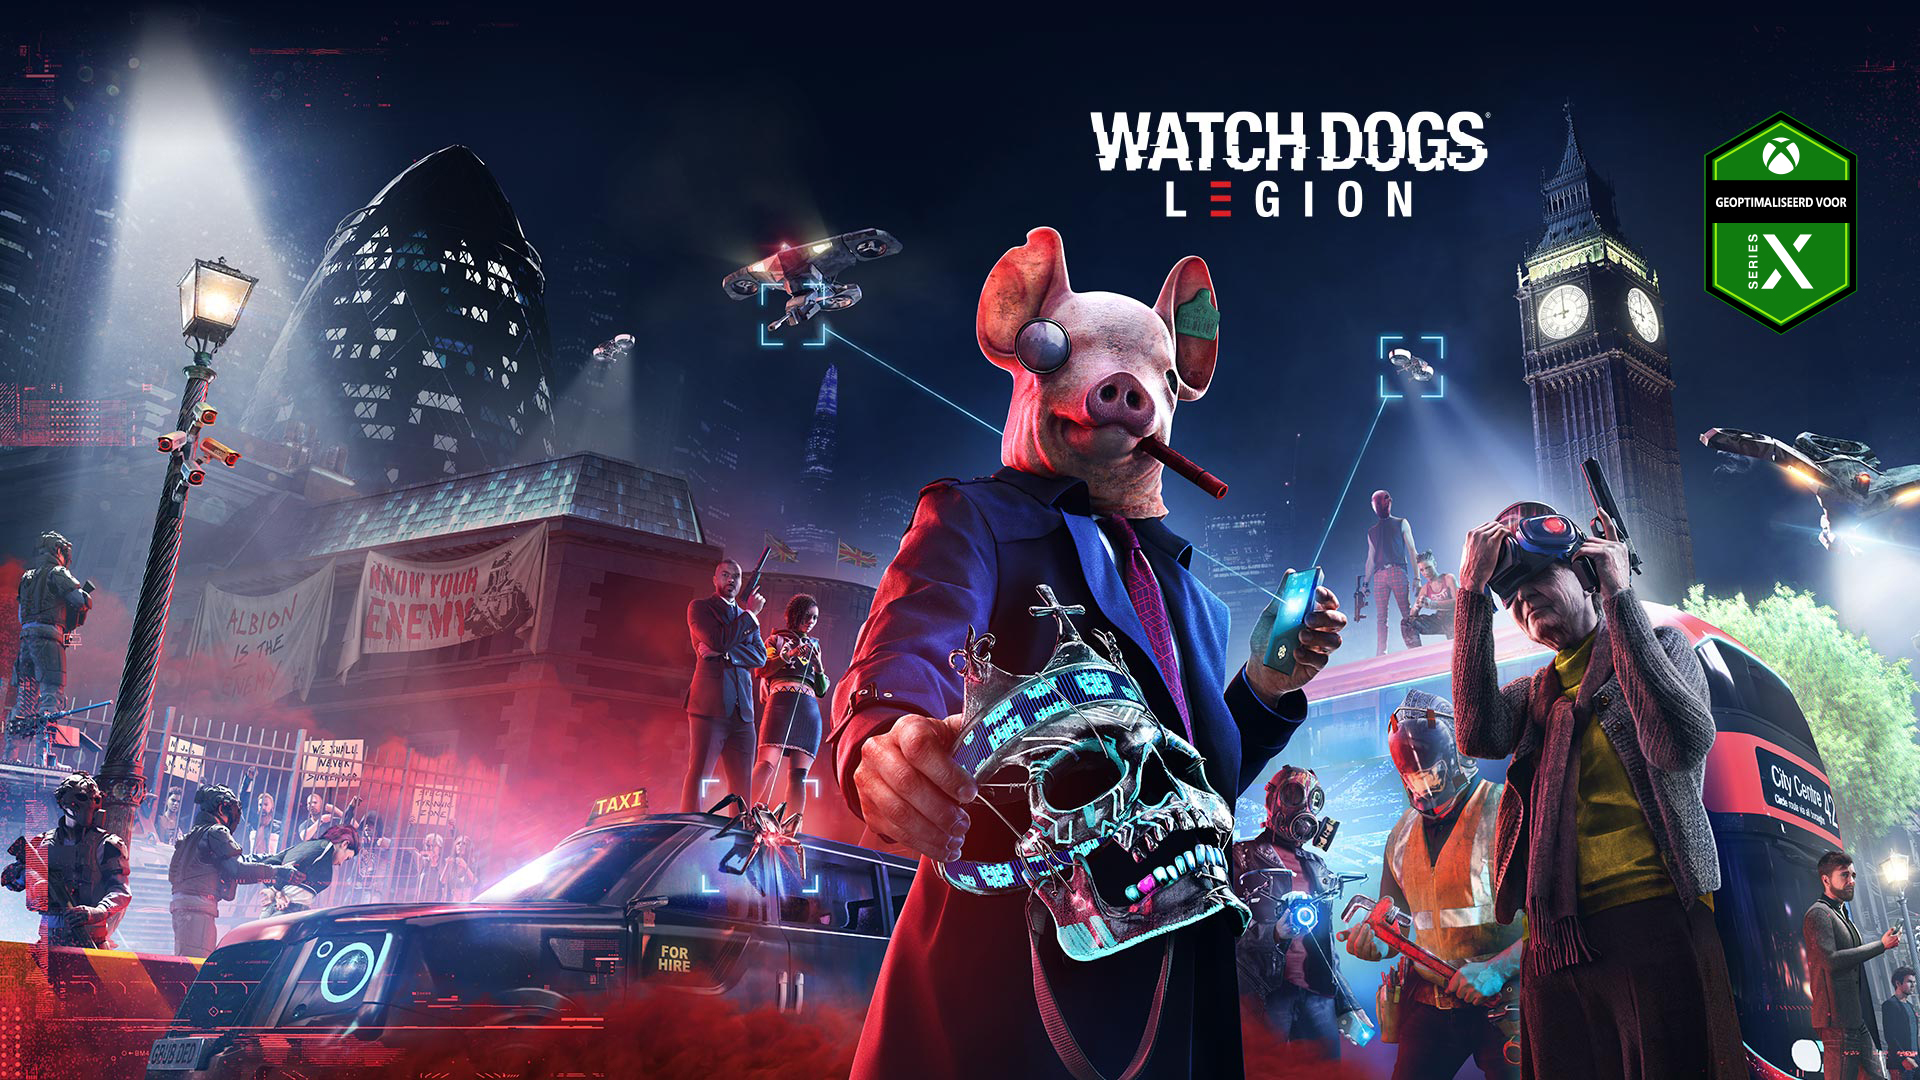 Geoptimaliseerd voor Series X-badge, Watch Dogs Legion-gamelogo, een persoon met een varkensmasker die een schedel vasthoudt, twee drones, Big Ben en verschillende andere personages met wapens